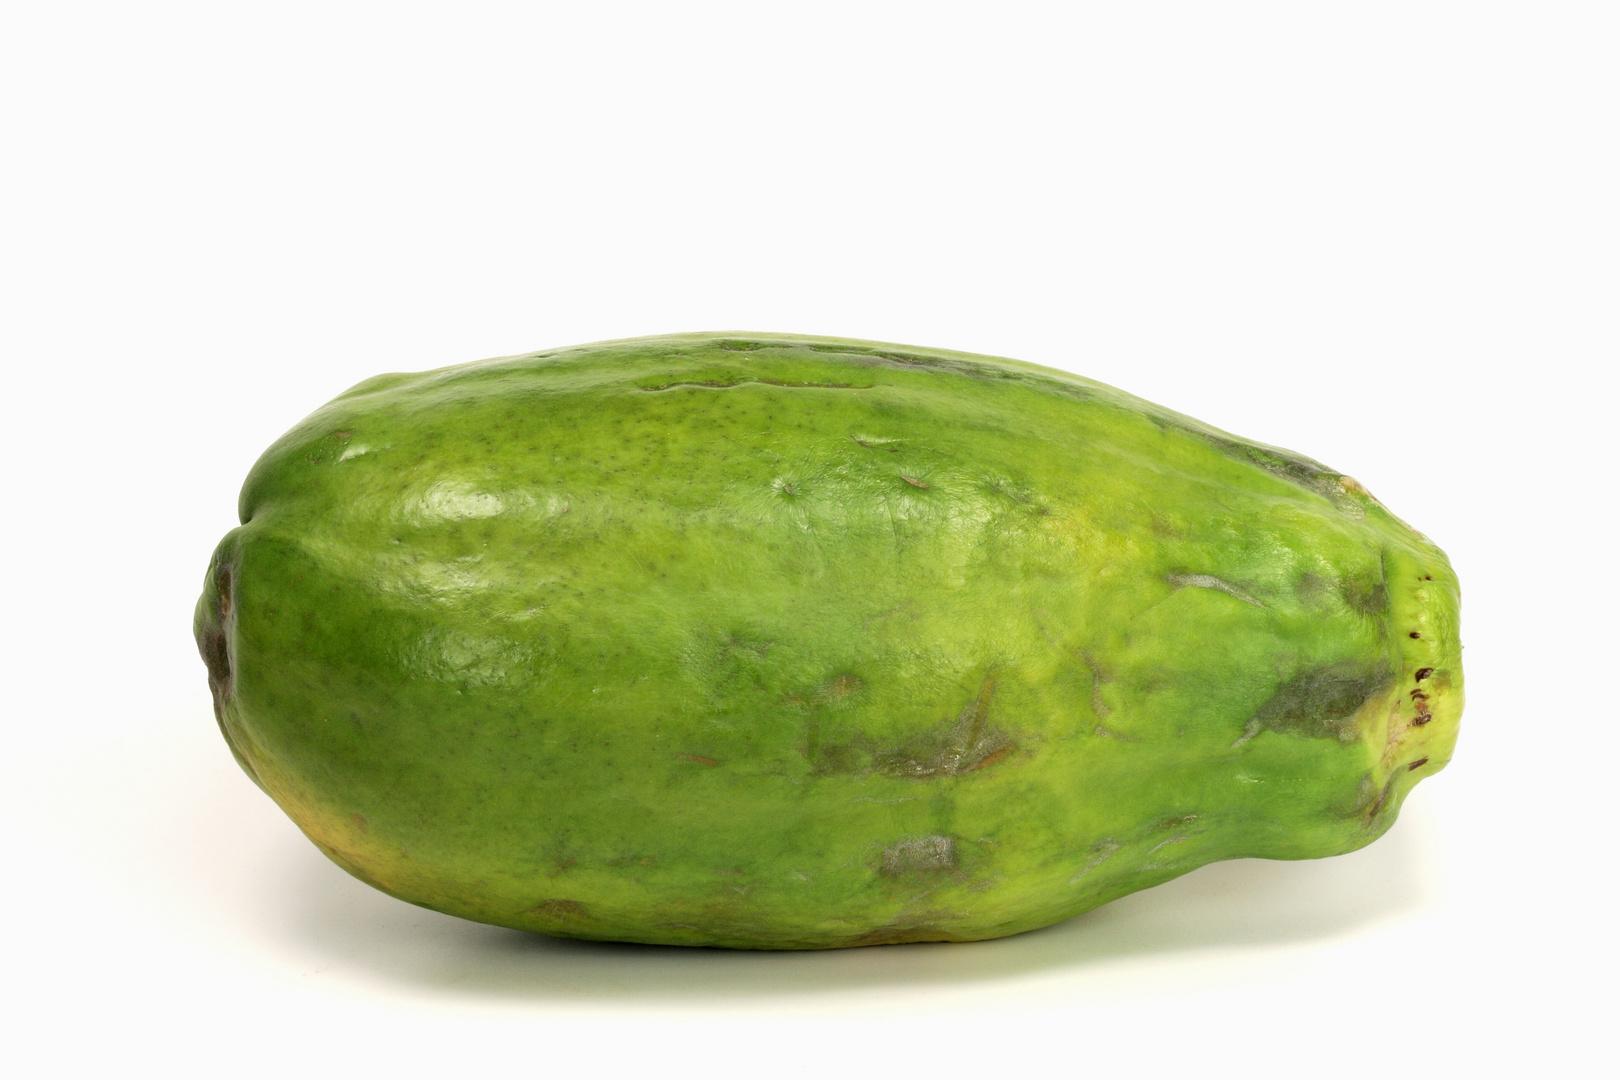 Papaya a